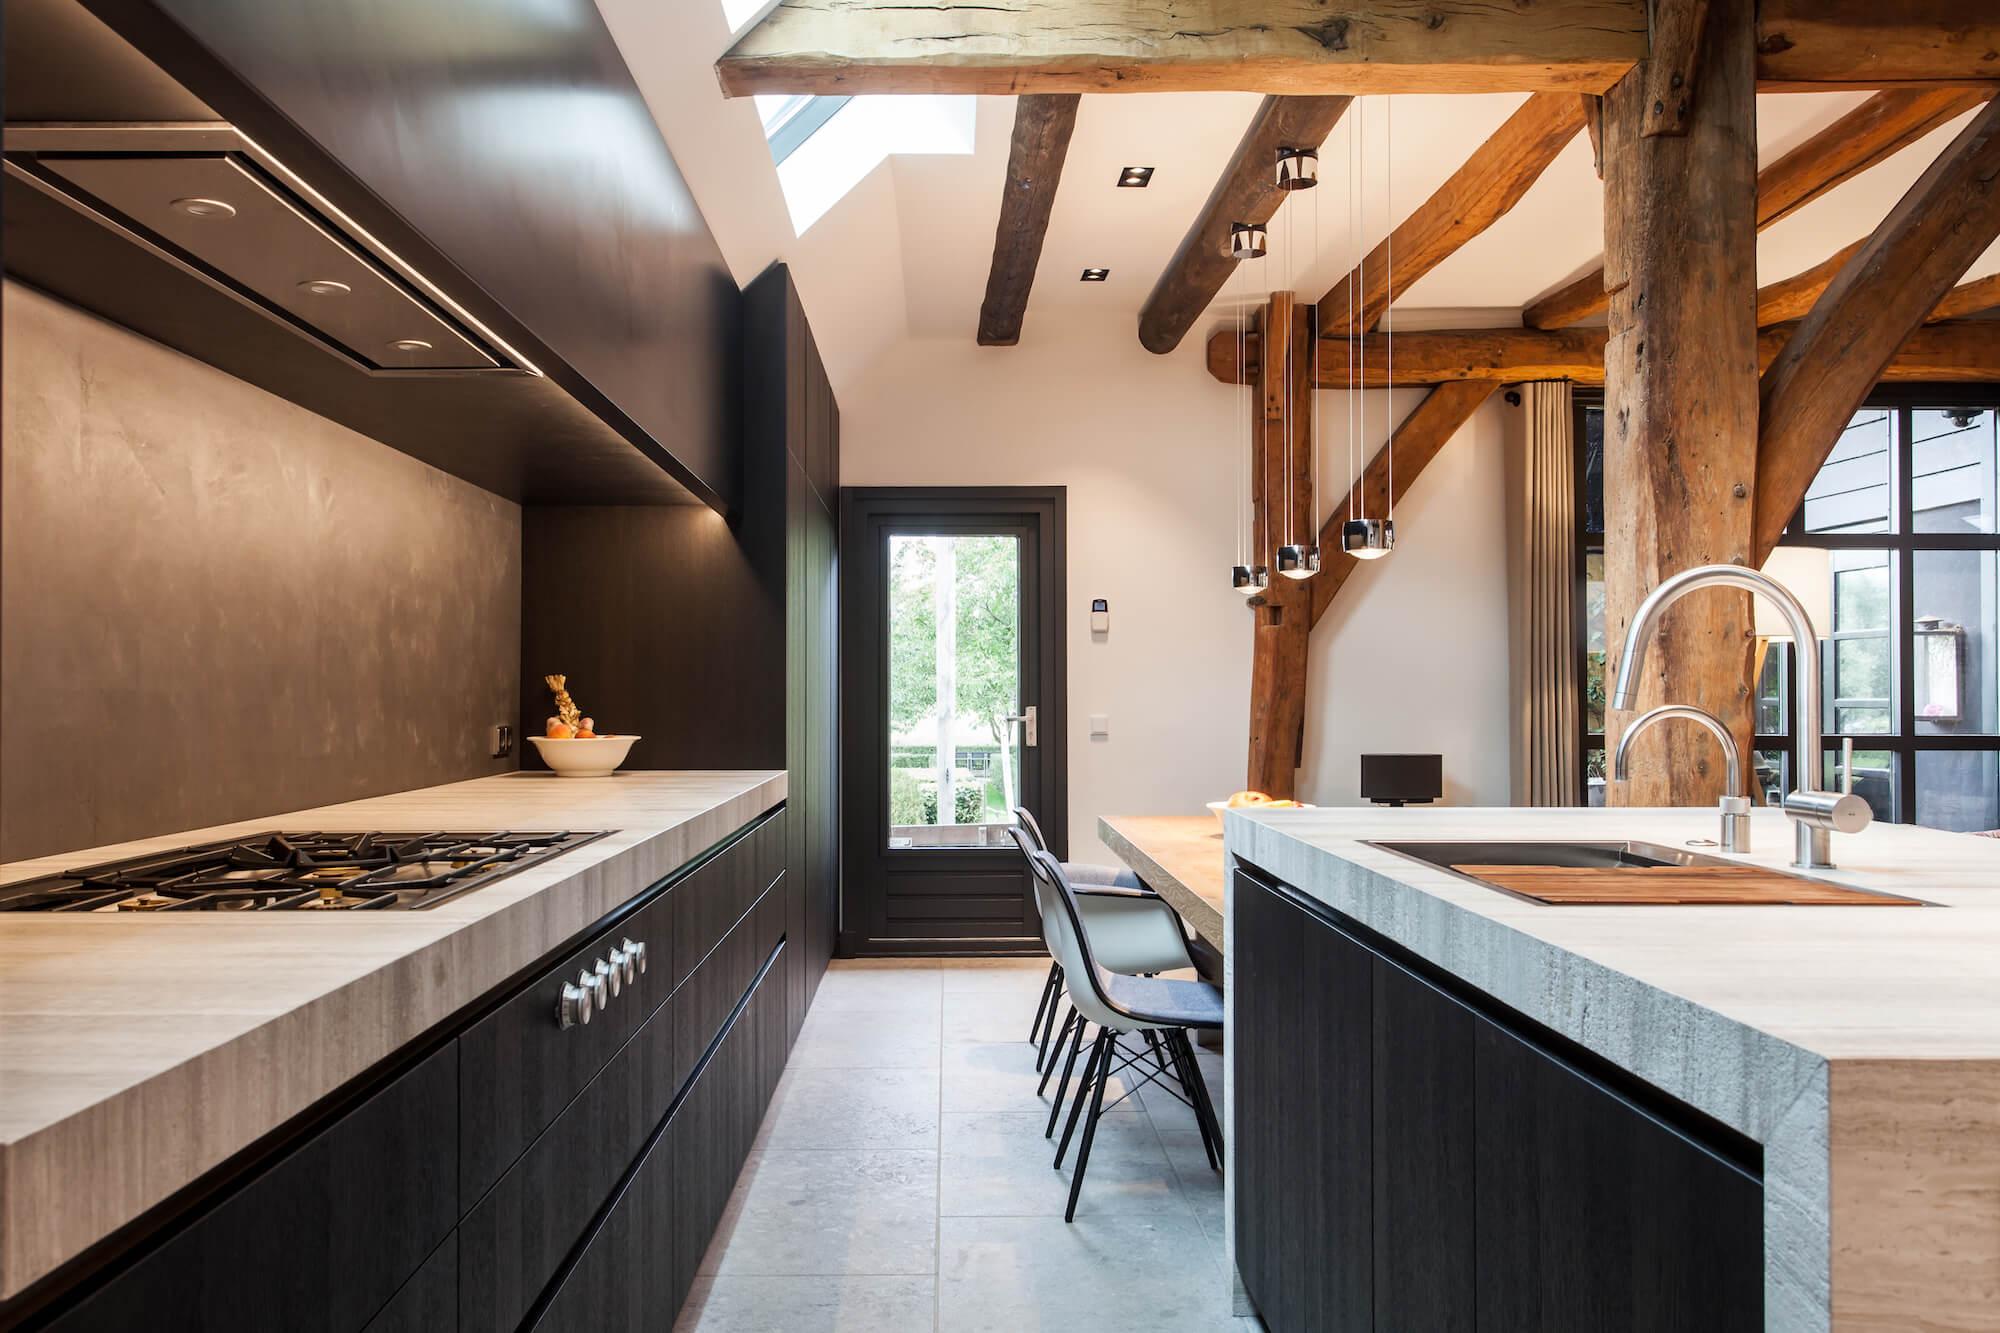 Verbouwing woonboerderij met luxe leefkeuken door Culimaat en met zichtlijnen